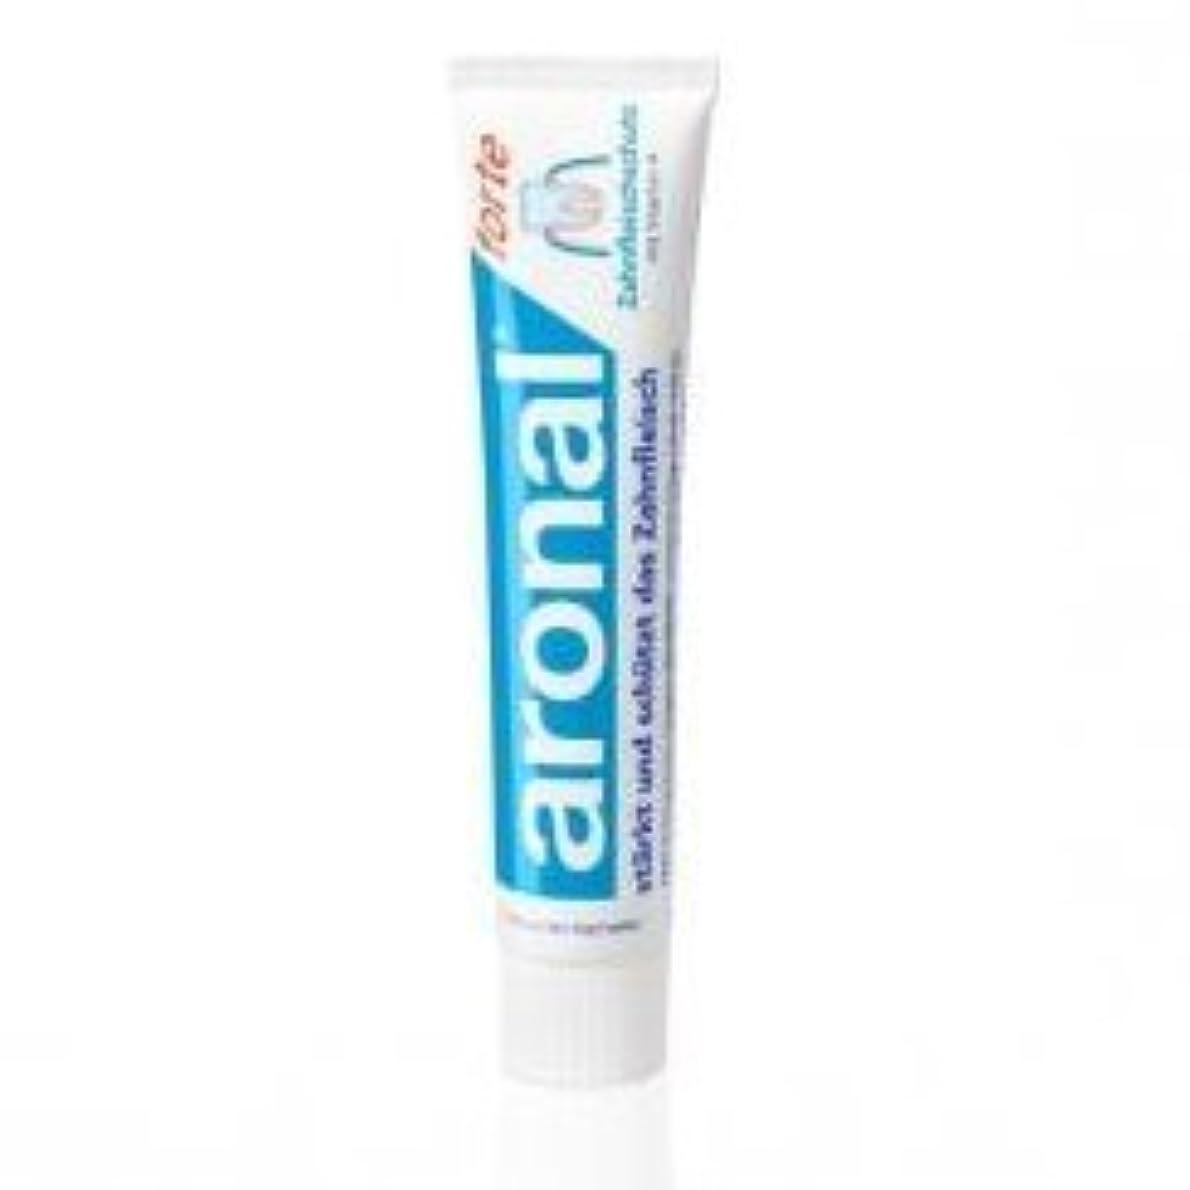 高さ教科書満たすアロナール(ビタミンA配合) 歯磨き粉 75ml x 1Pack (elmex aronal toothpaste 75ml) 【並行輸入品】